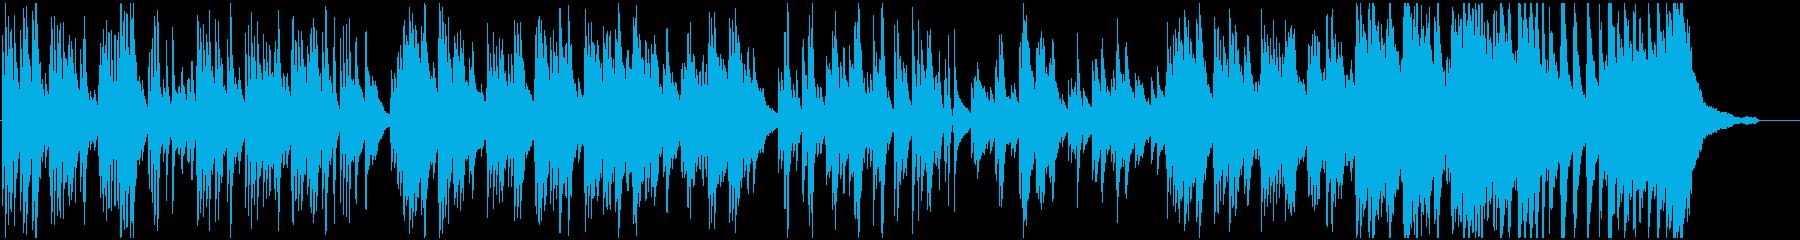 軽快なテンポのピアノ曲の再生済みの波形